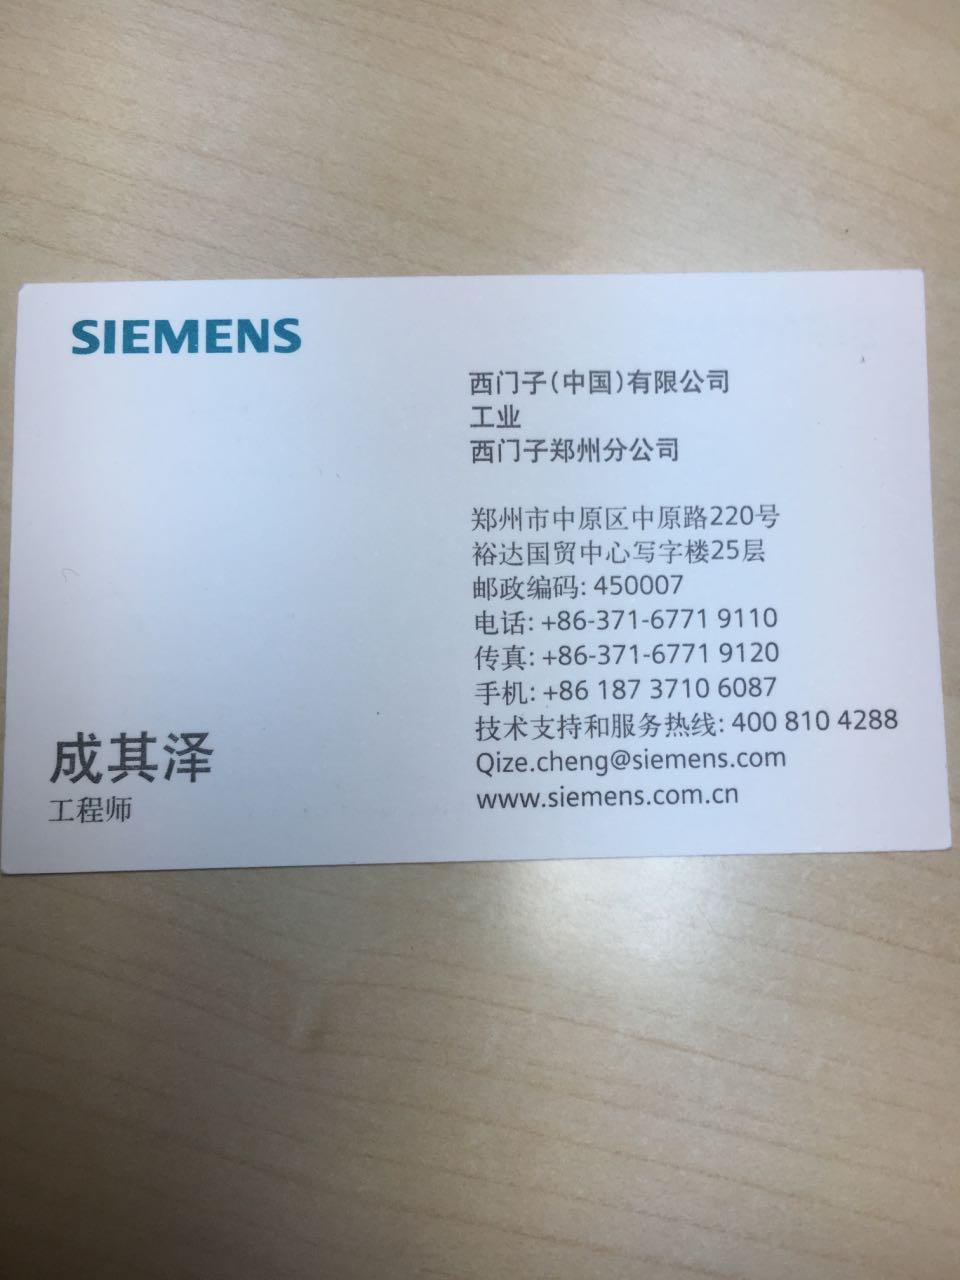 来自成其泽发布的供应信息:... - 西门子(中国)有限公司